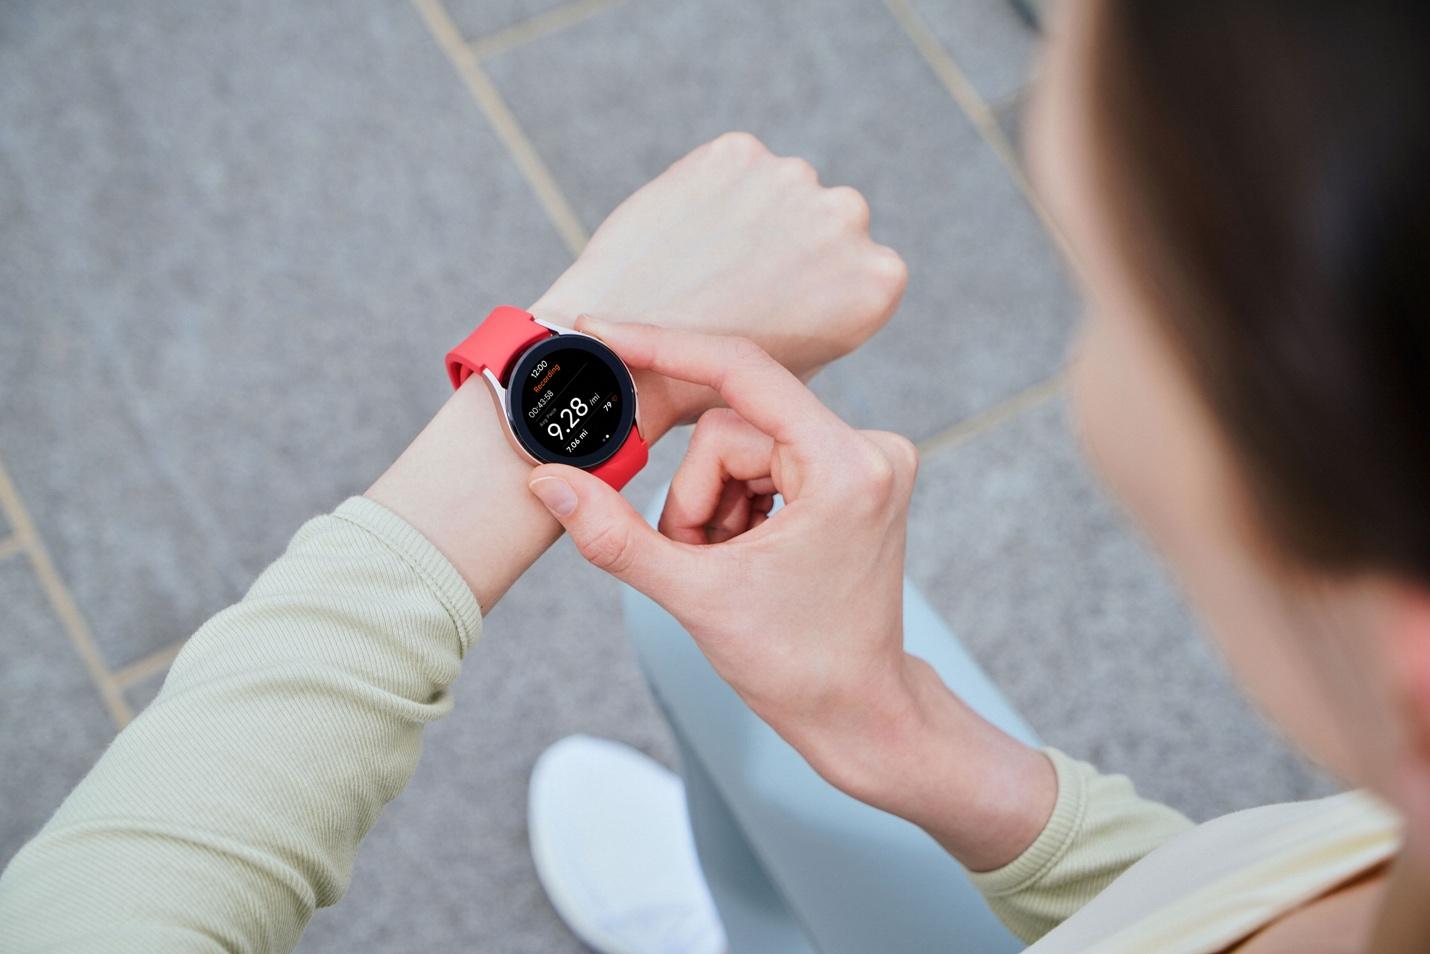 Đồng hồ có khả năng phân tích các thành phần trong cơ thể với thời gian 15 giây.